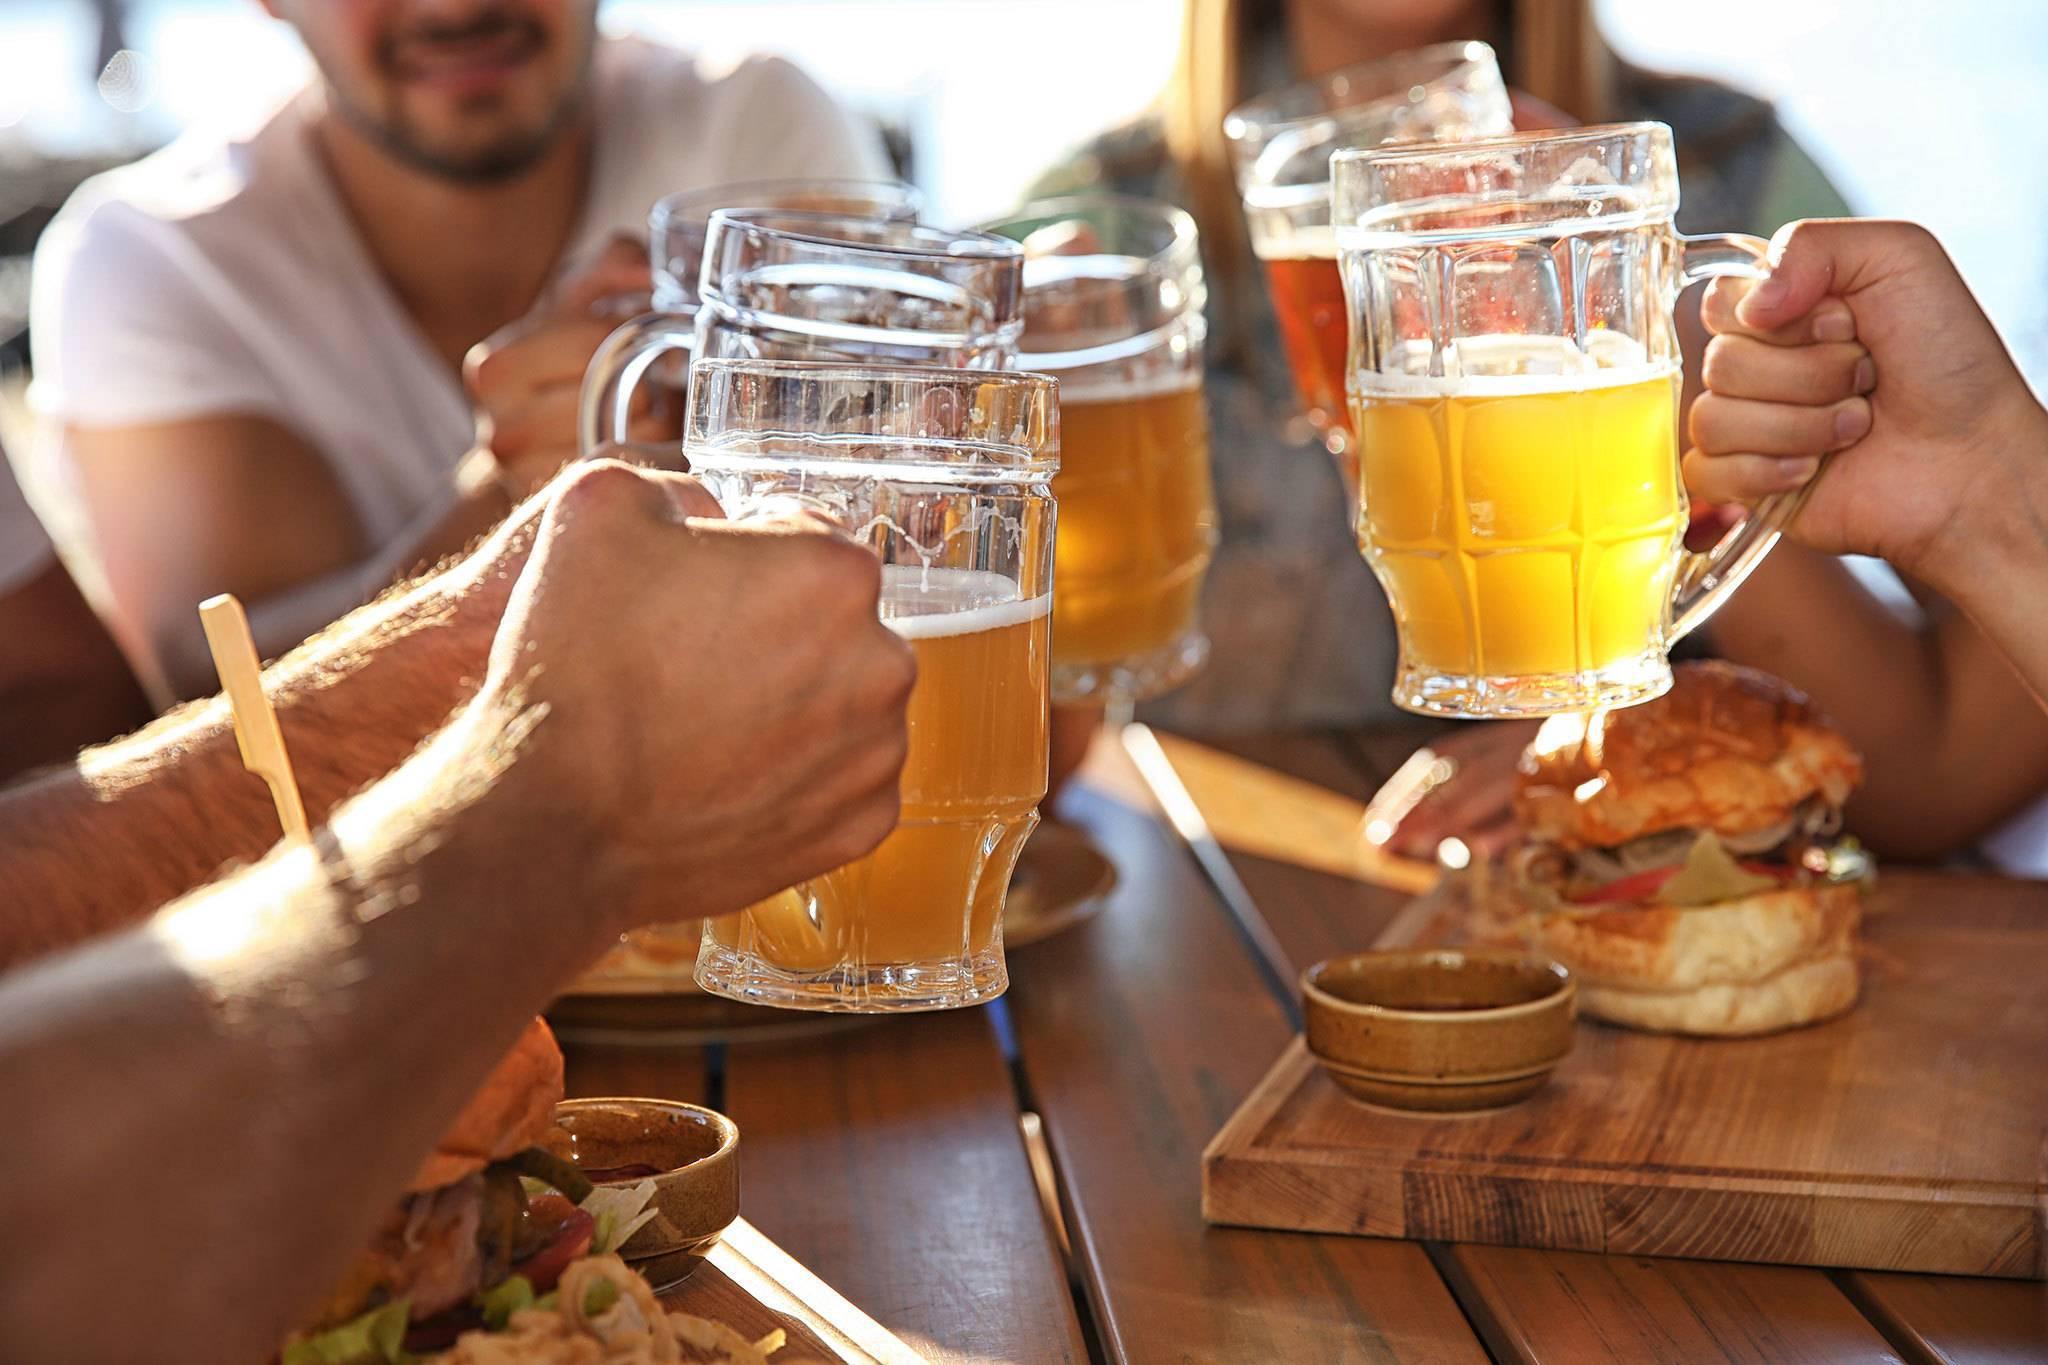 С чем выпить пива: пивные закуски с рецептами их приготовления